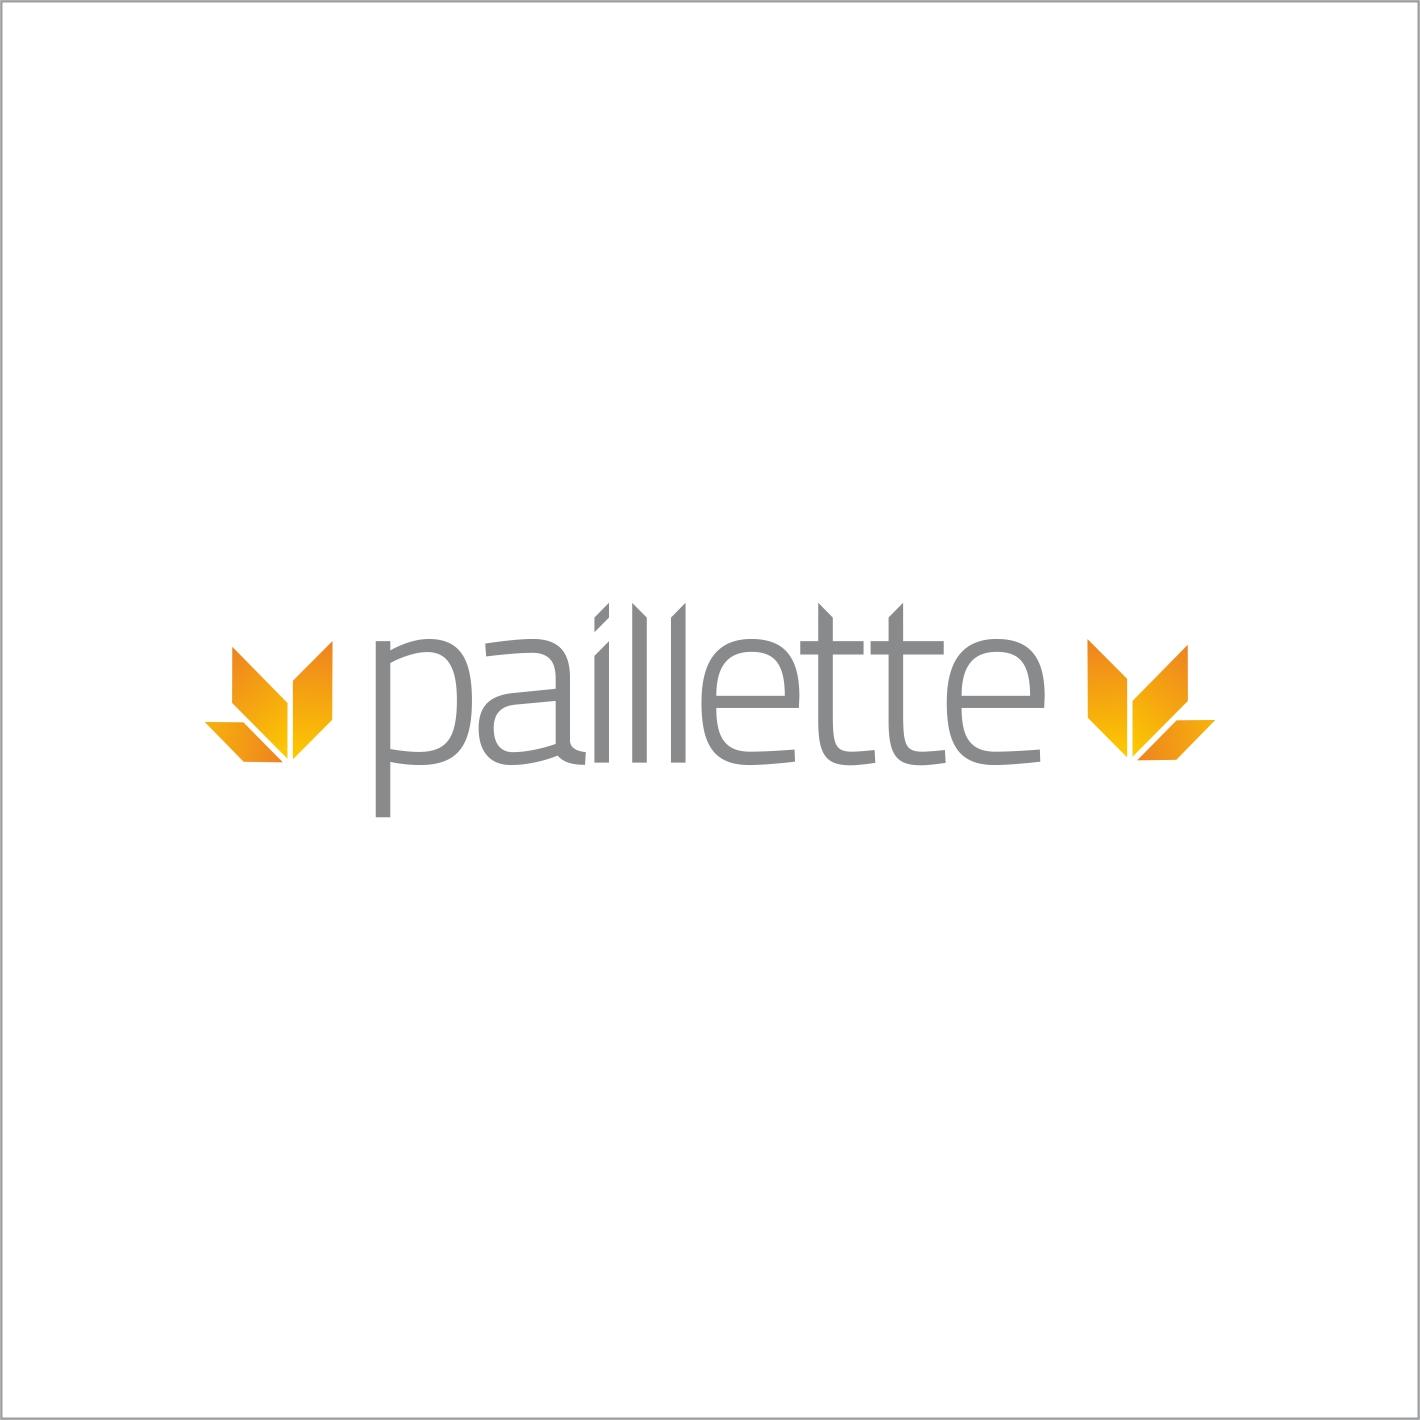 Разработка Логотипа. фото f_11451532f3bed9a9.jpg